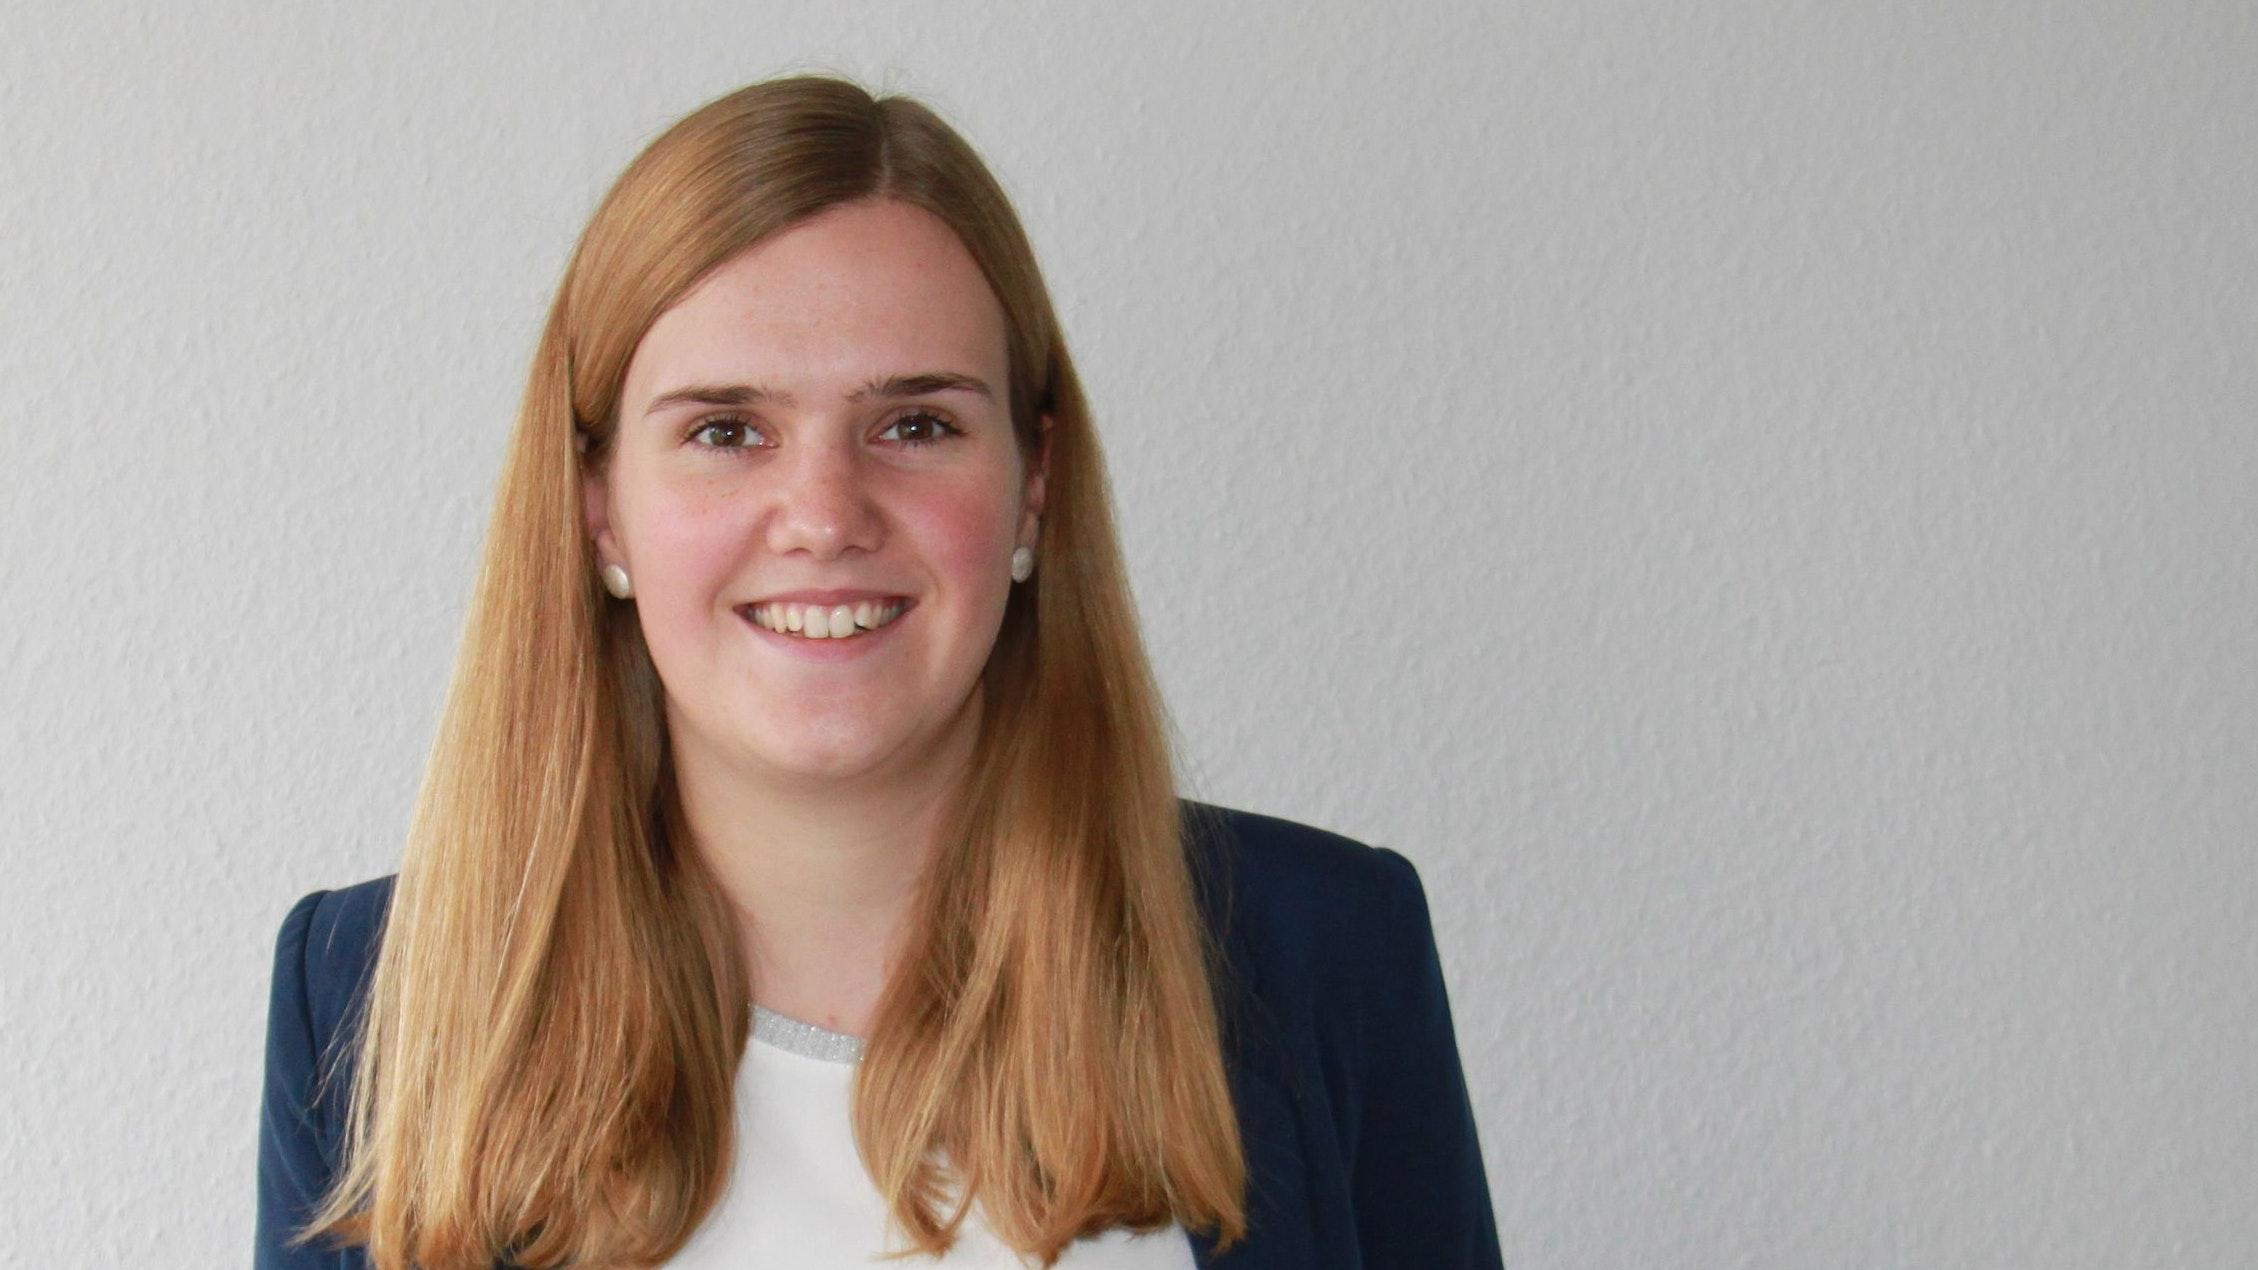 Sara Riesenbeck wurde als Newcomerin in der Kommunalpolitik direkt gewählt und formuliert klare Ziele als Ratsfrau. Foto: privat